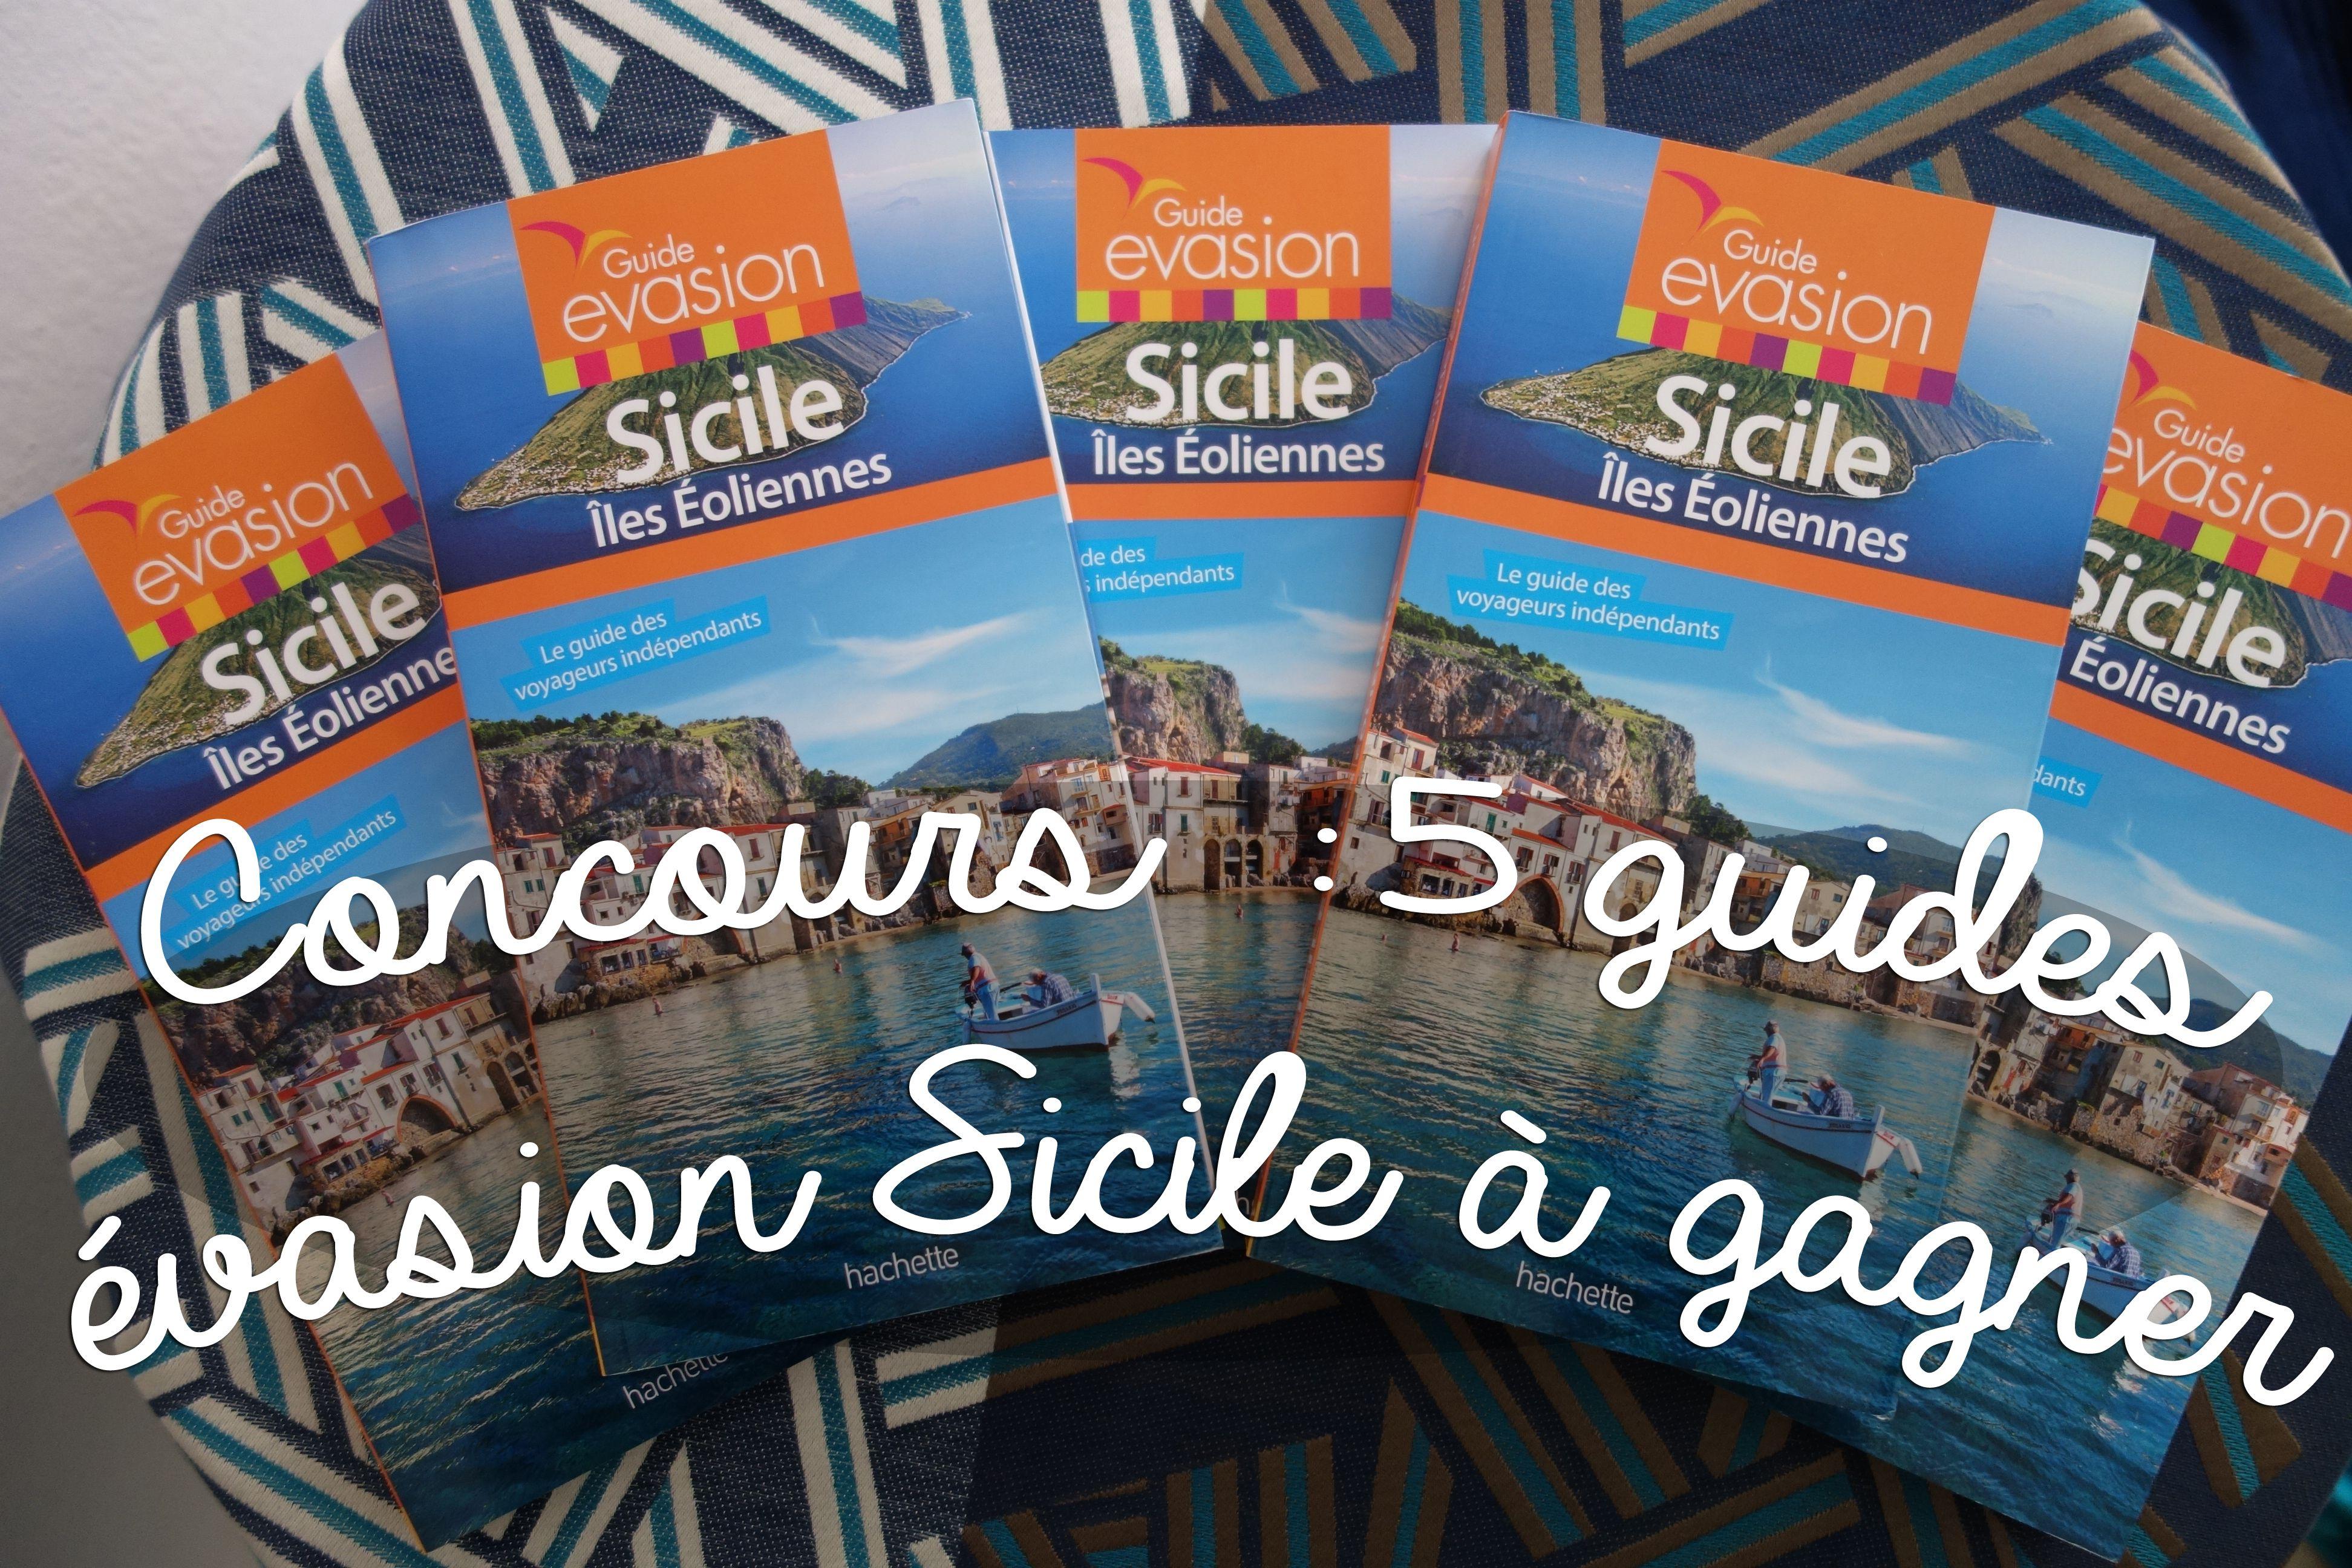 [TERMINE] Concours 5 Guides Évasion Sicile à gagner